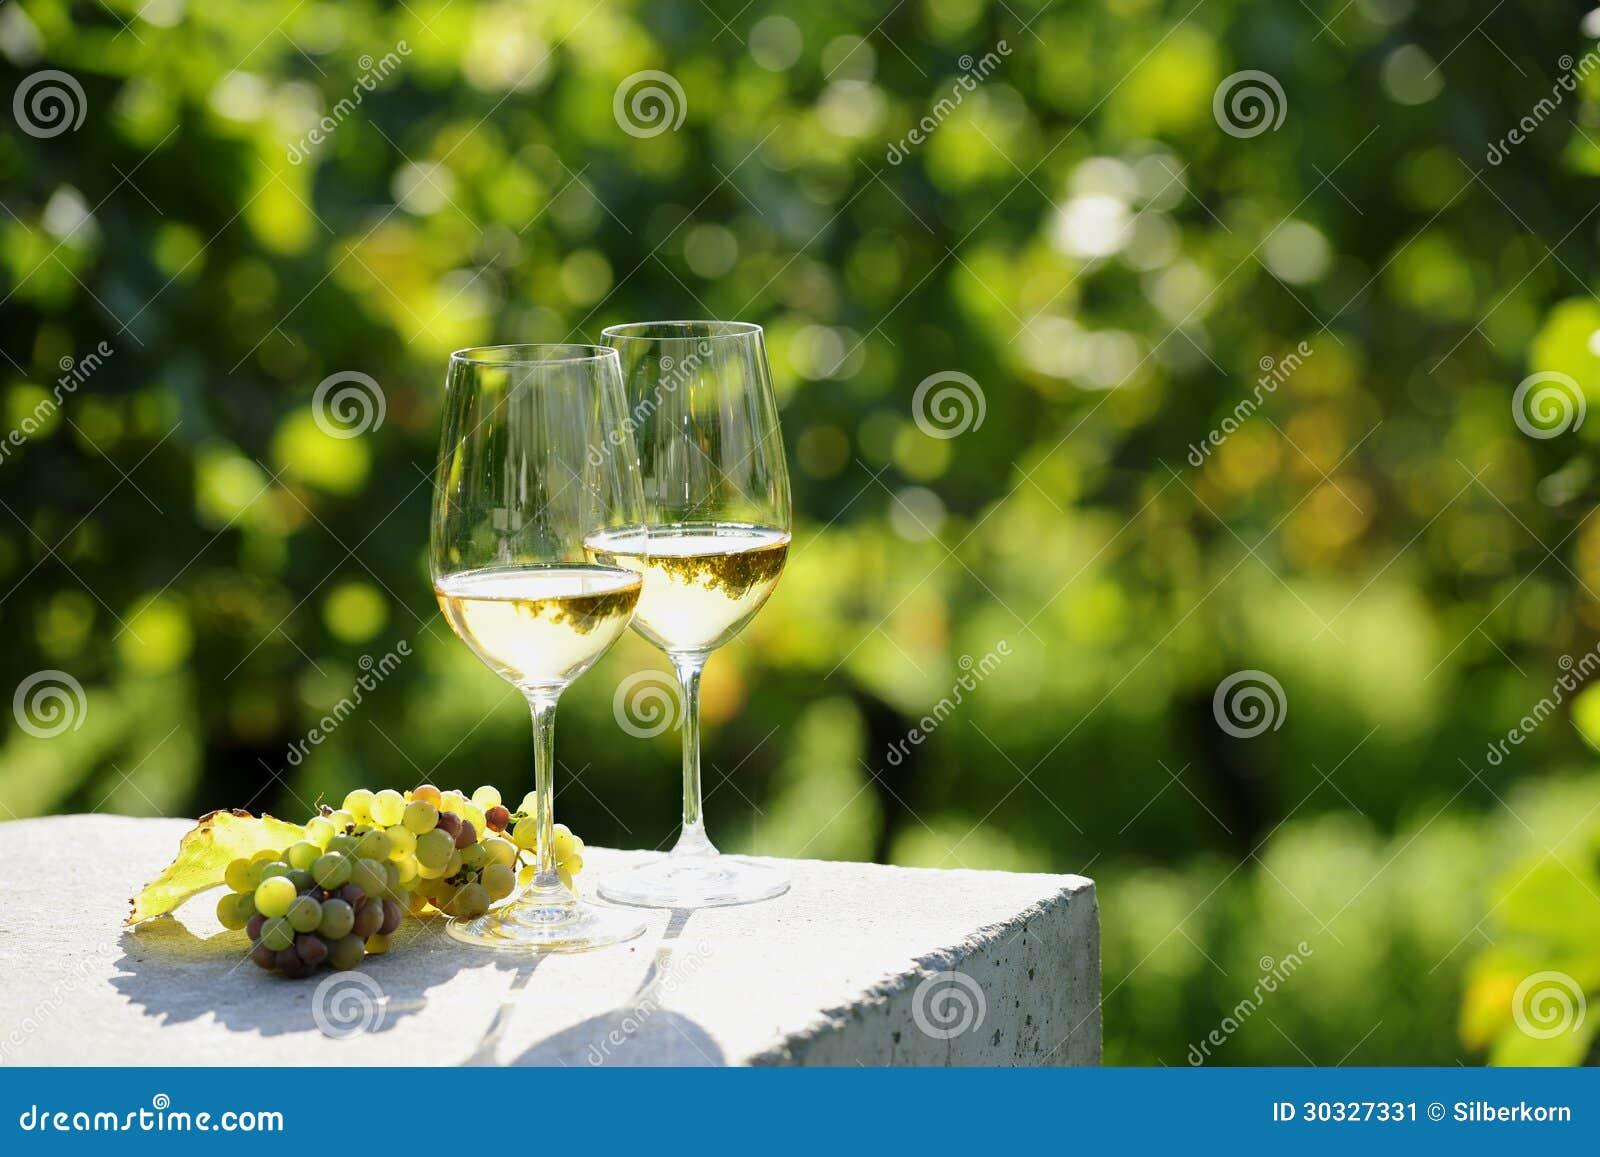 二杯白葡萄酒